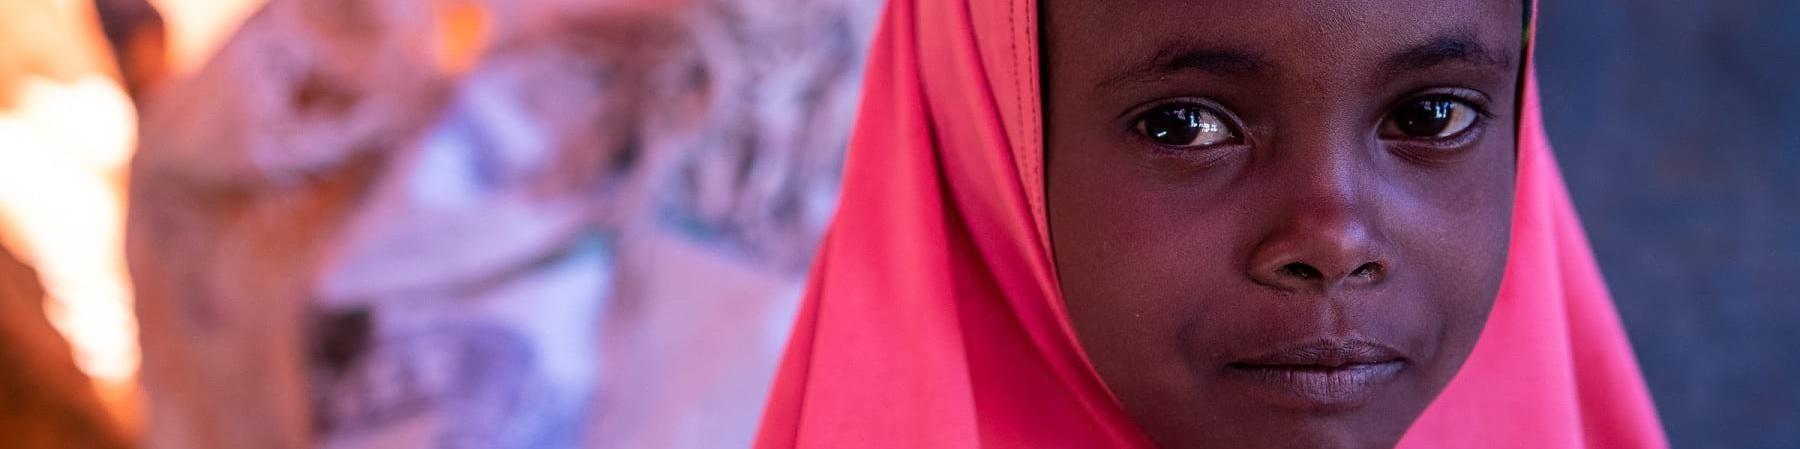 Primo piano di una bambina sola con un chador rosa fucsia